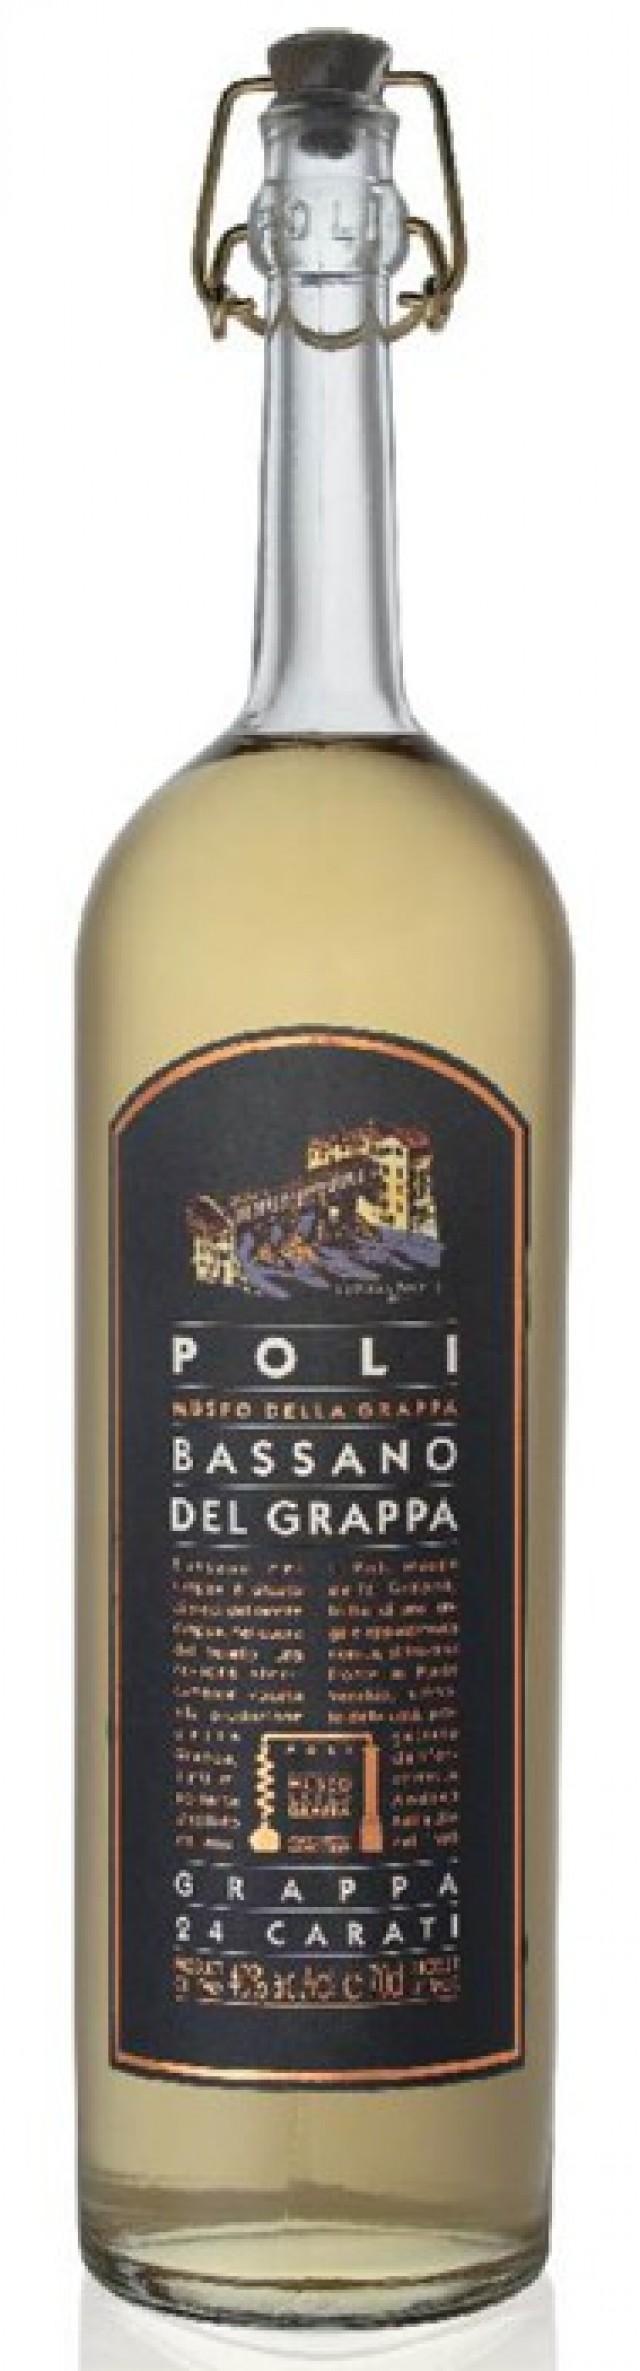 Grappa di Bassano 24 carati : vendita online Liquori e distillati ...